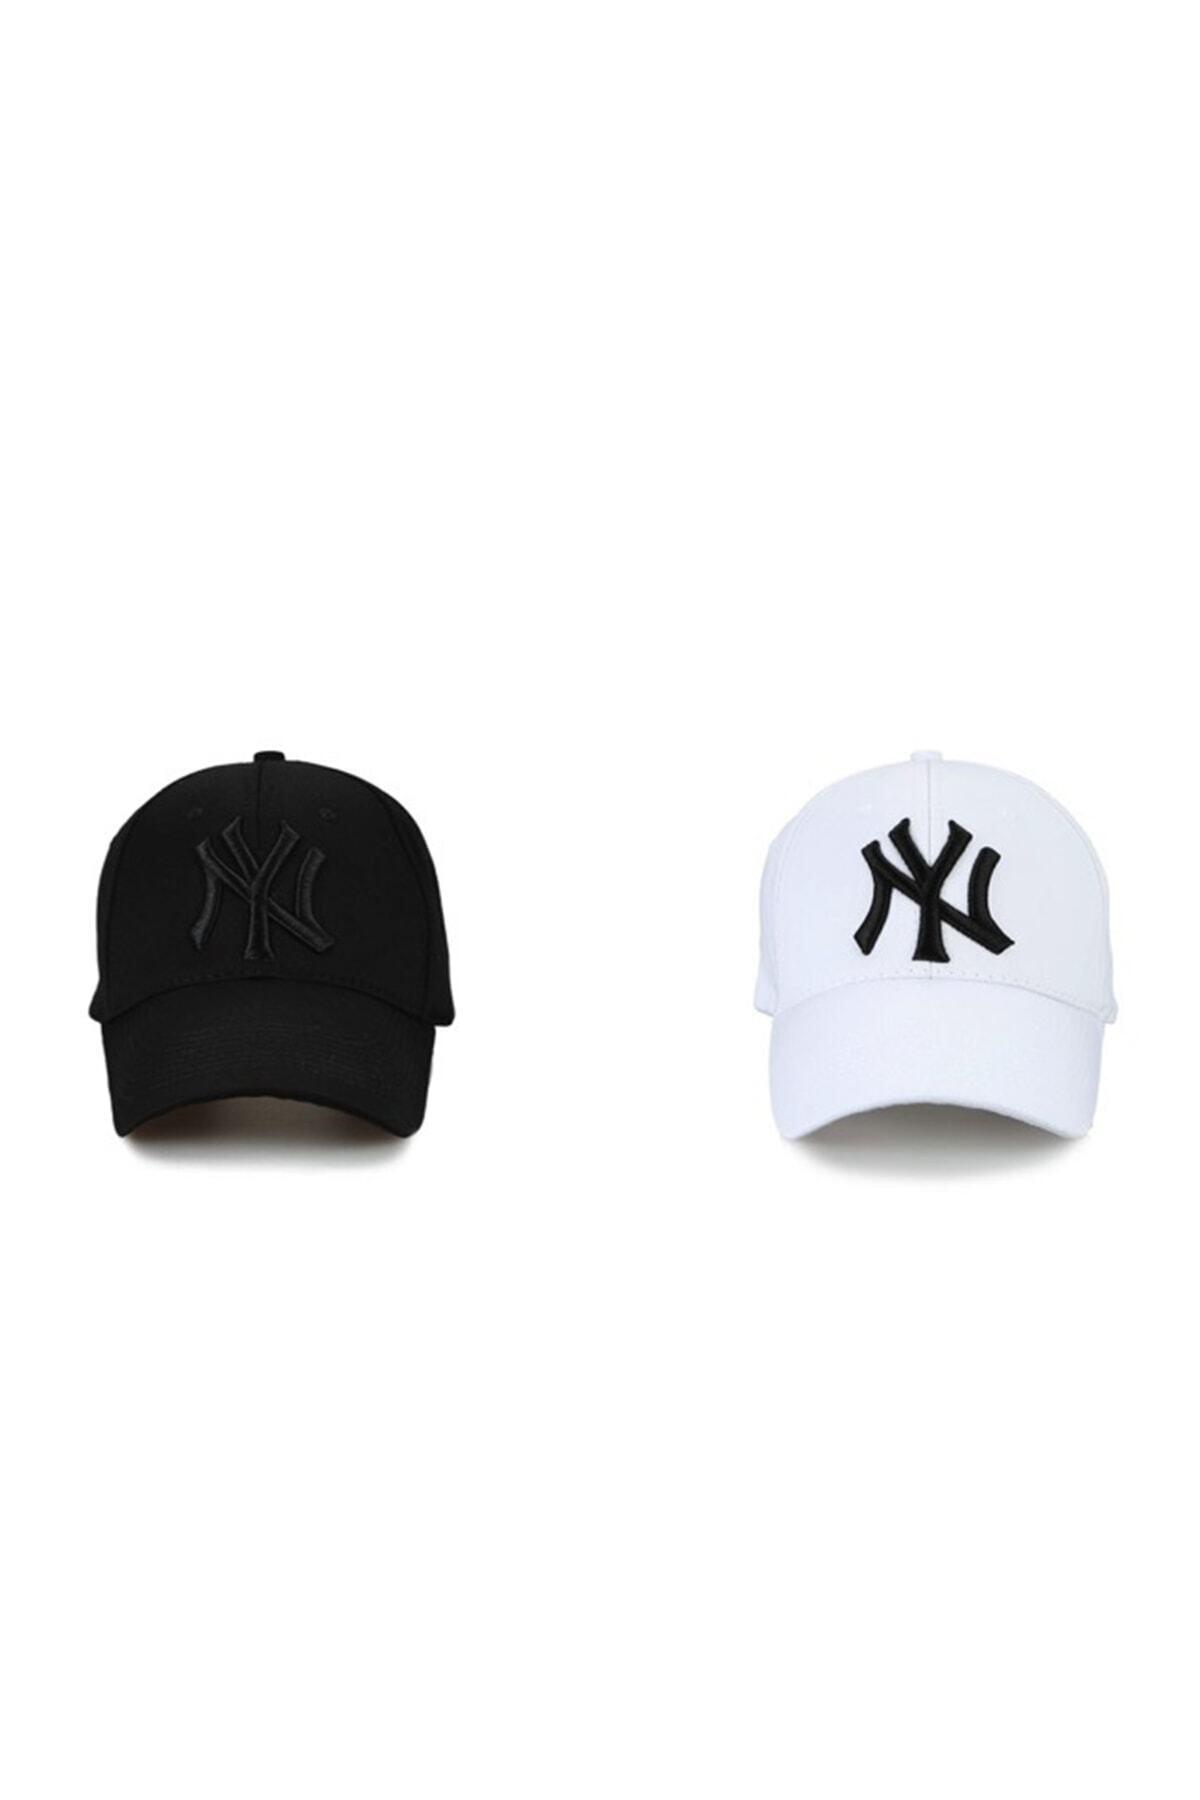 İdeal Ideal Ny New York 2'li Unisex Set Şapka [siyah-beyaz] 1